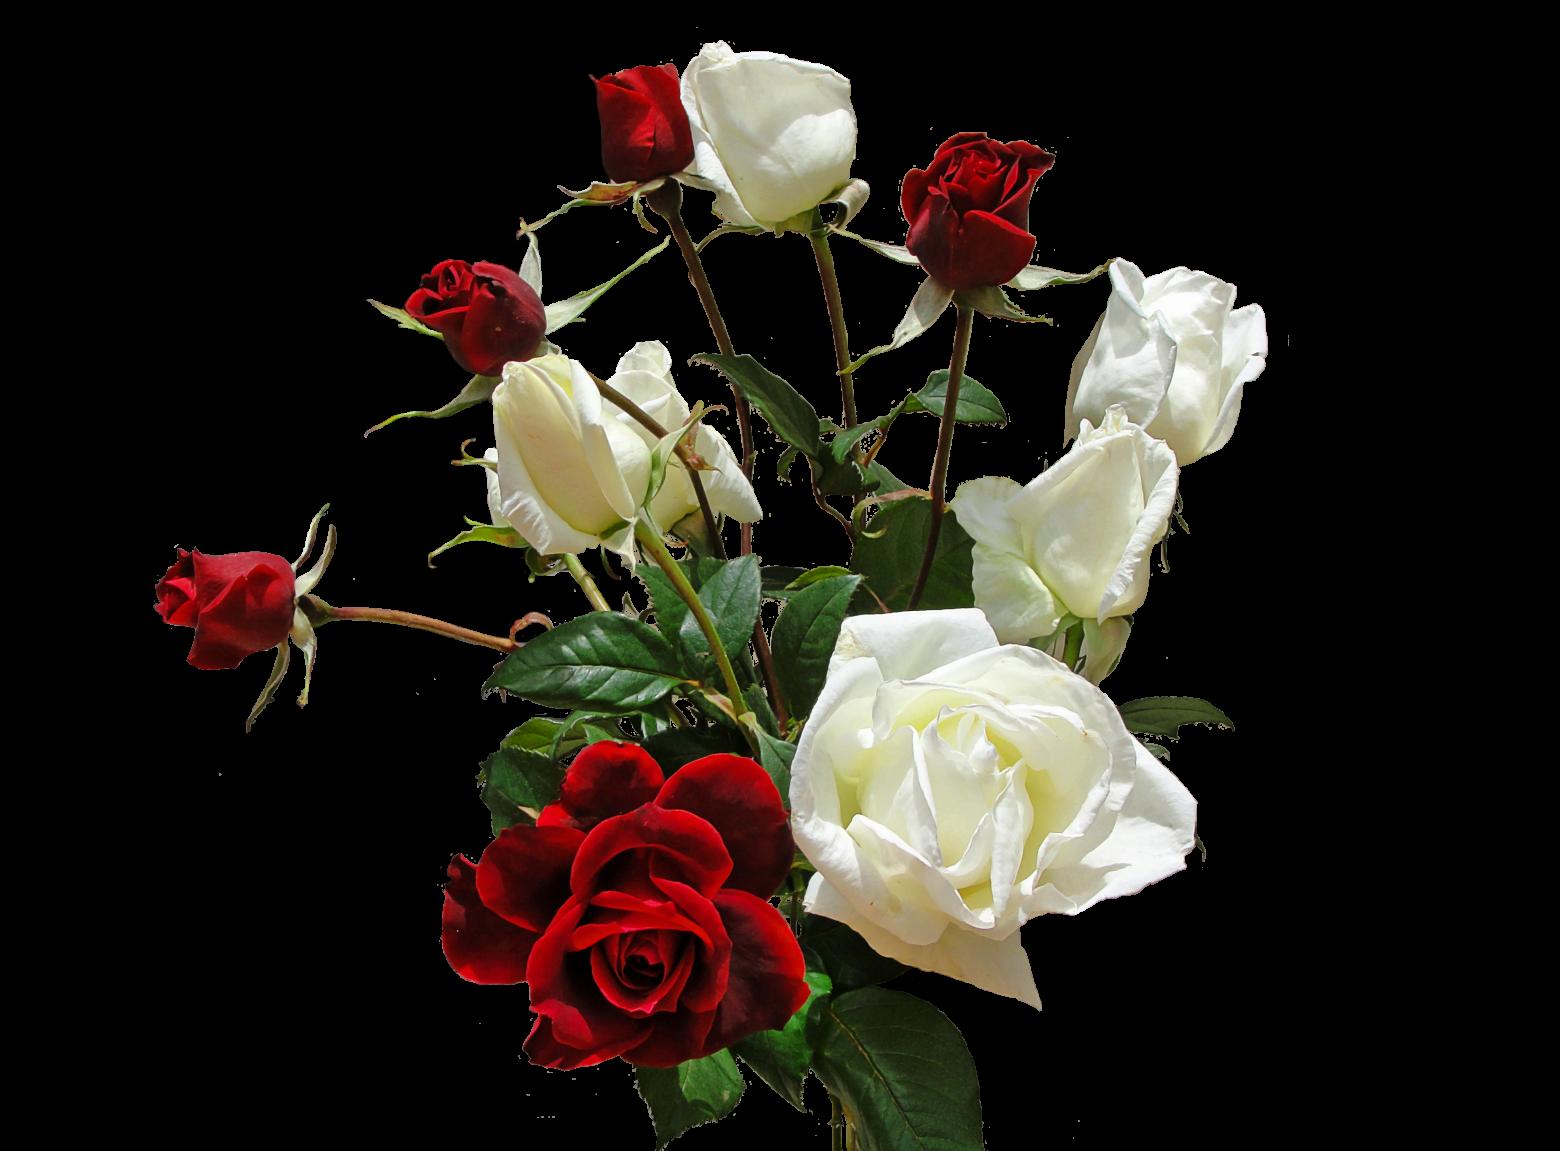 Cliparts rose blanche image transparent bouquet de roses rouges et blanches images gratuites   images ... image transparent